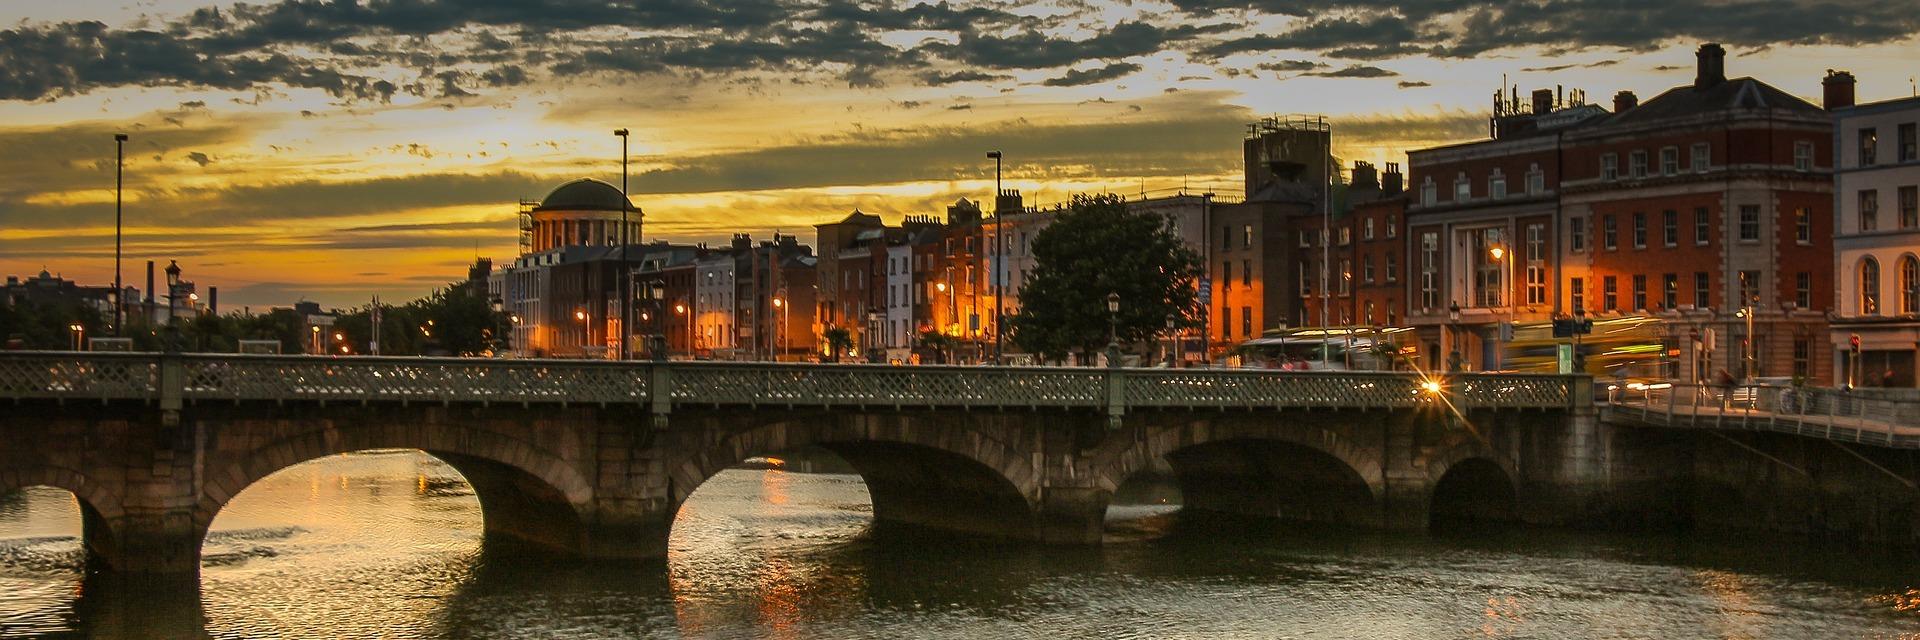 アイルランド高校留学|留学生受け入れ可能な私立高校